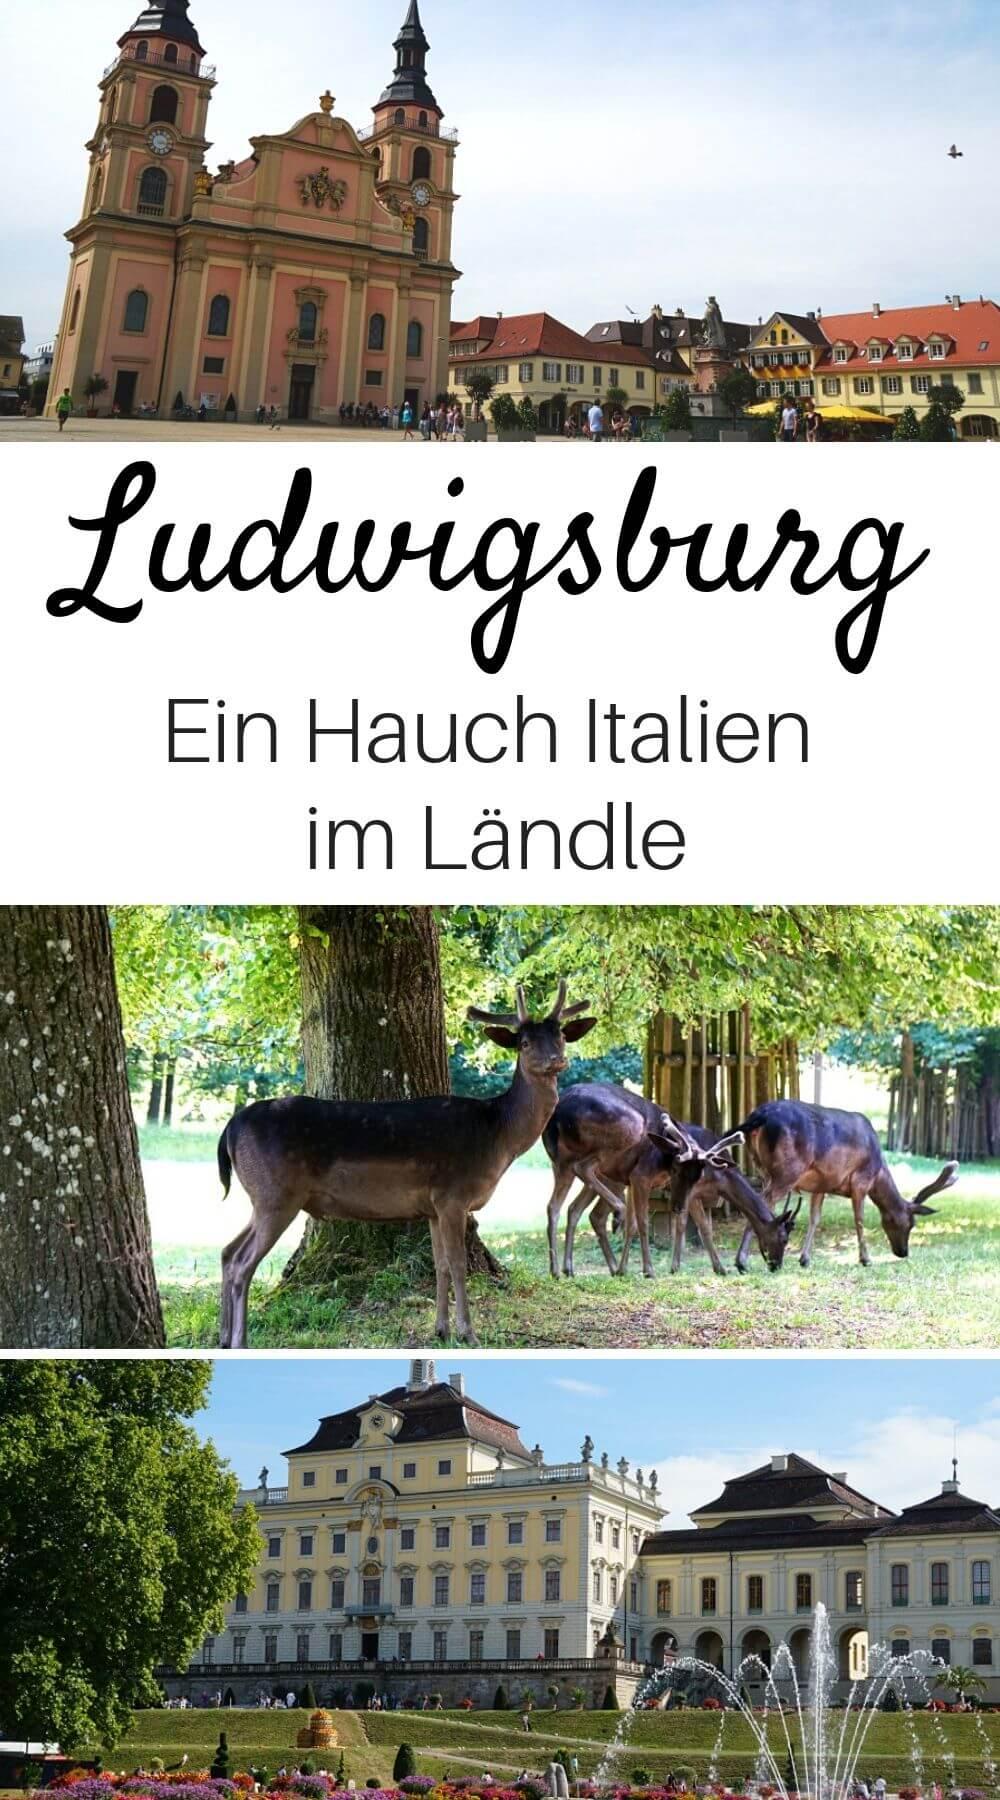 Ludwigsburg Sehenswuerdigkeiten und Tipps